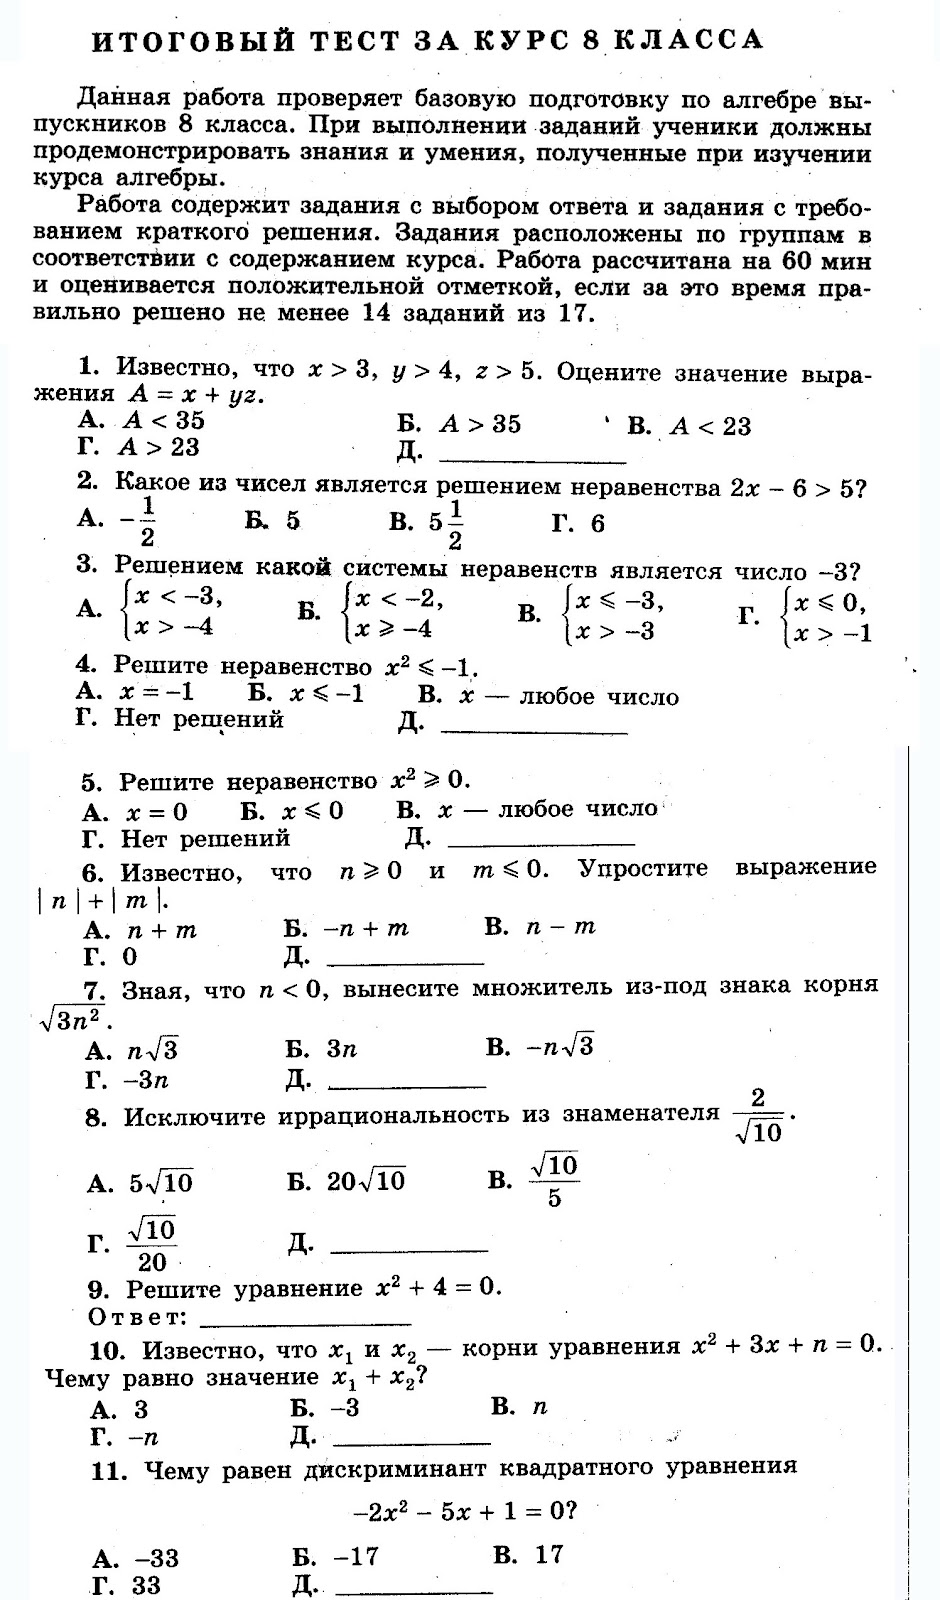 Итоговая контрольная работа по математике класс Итоговая контрольная работа 7 класс математика ответы